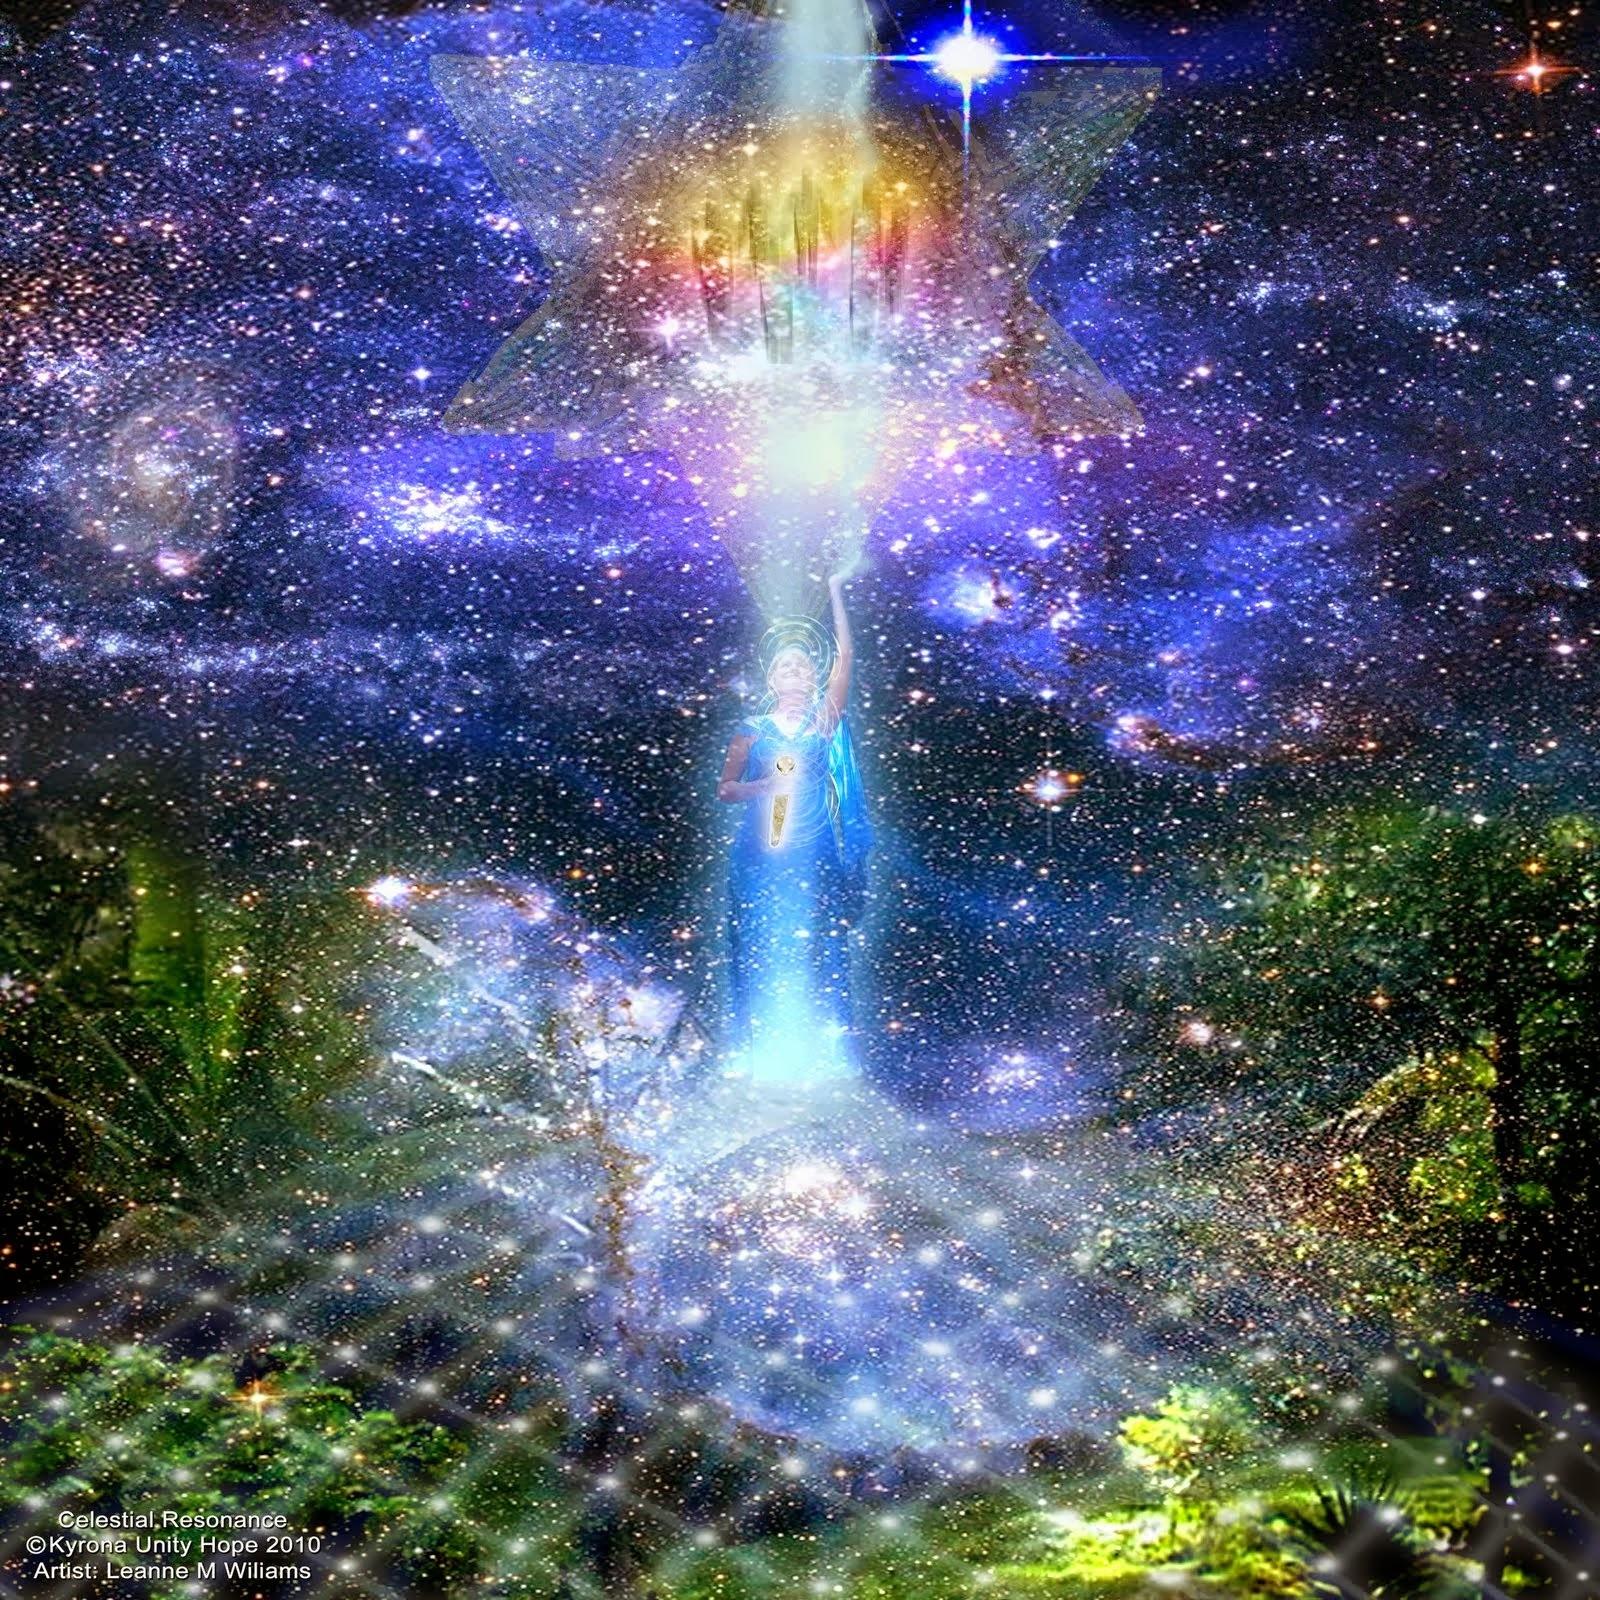 神聖なエネルギーと繋がる